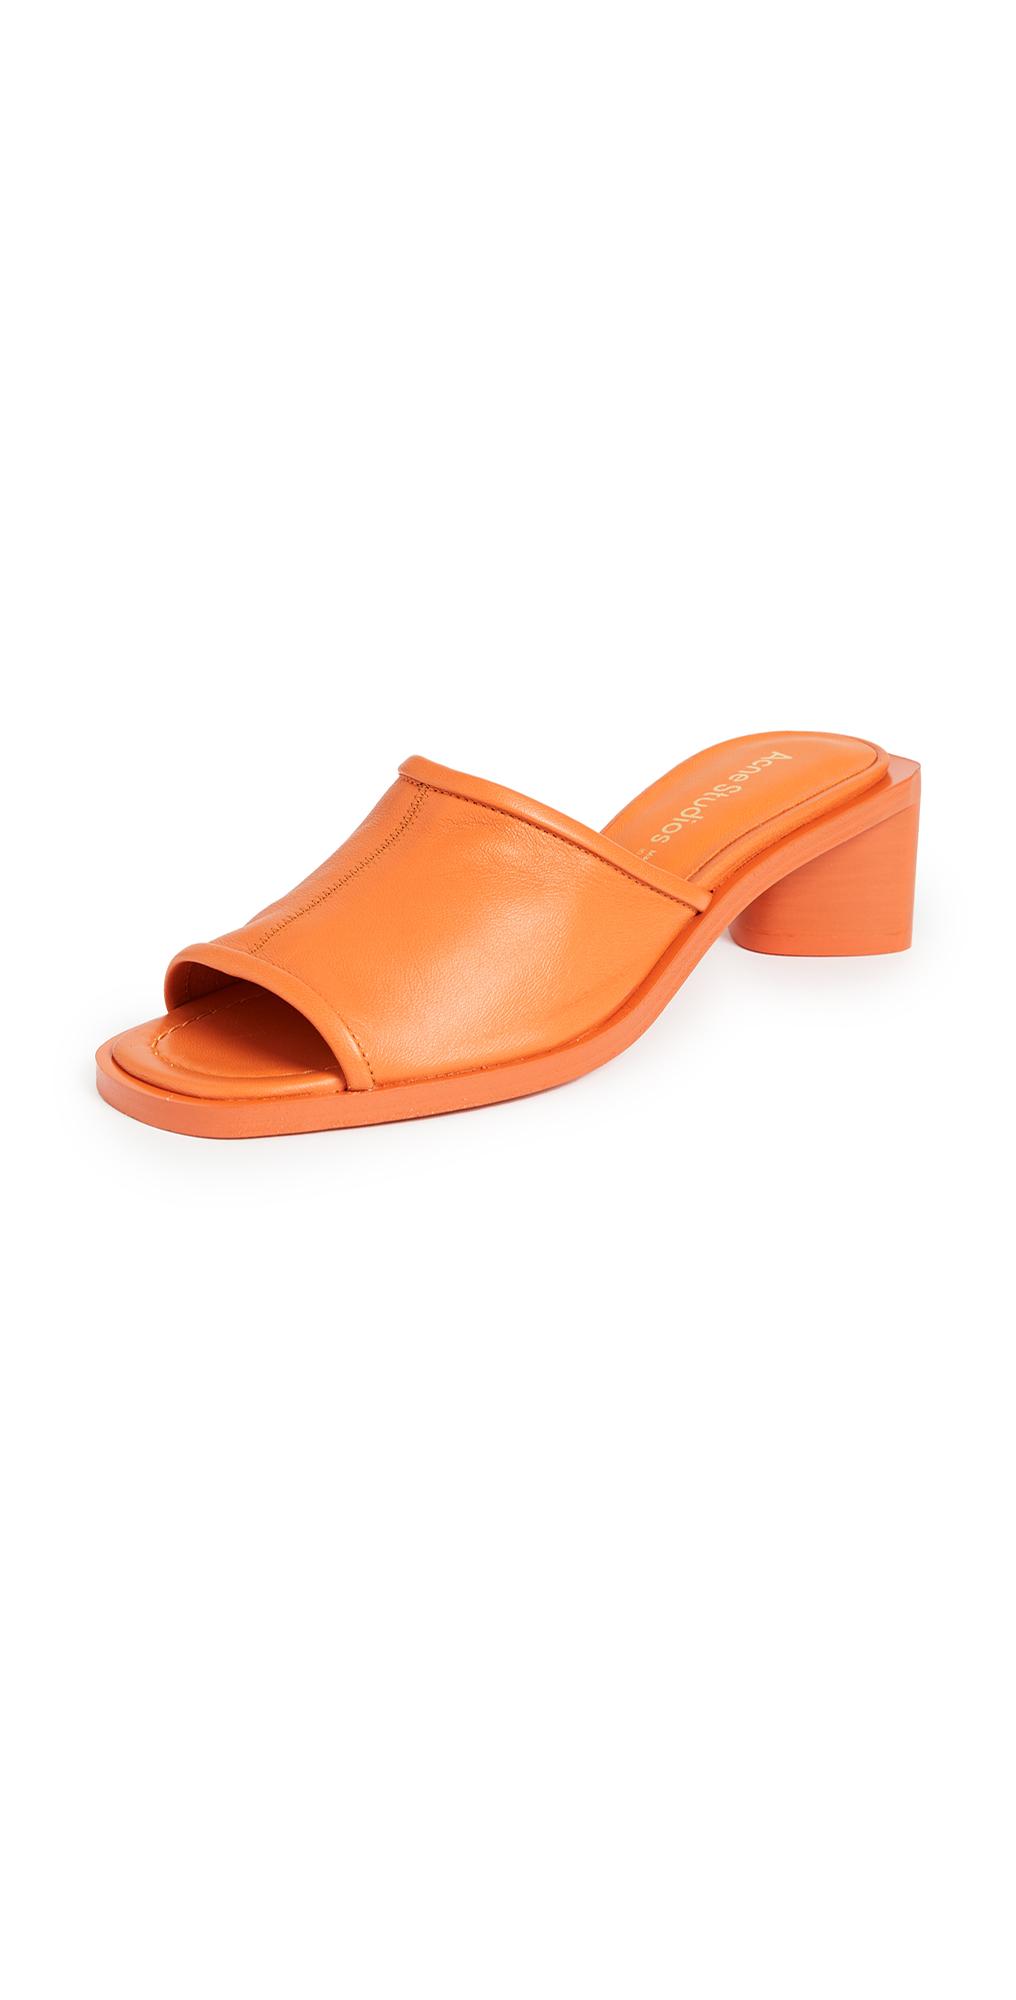 Acne Studios Mule Sandals